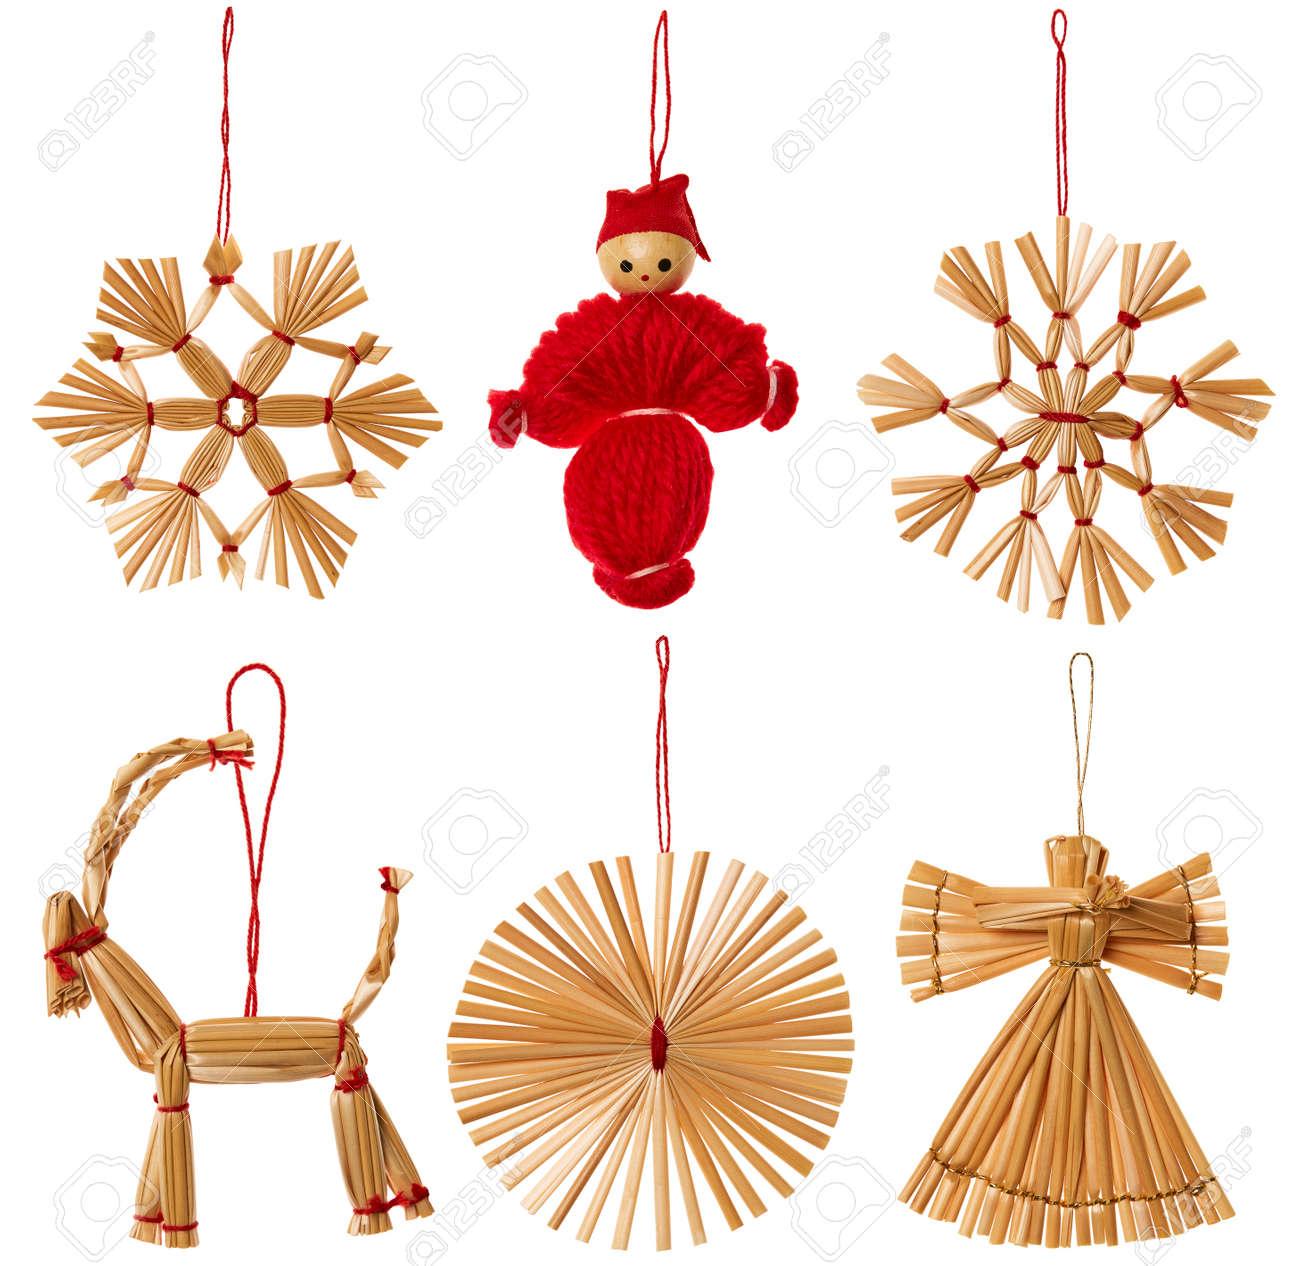 Weihnachtsstroh-hängende Dekoration, Weihnachten Strawy-Spielwaren ...